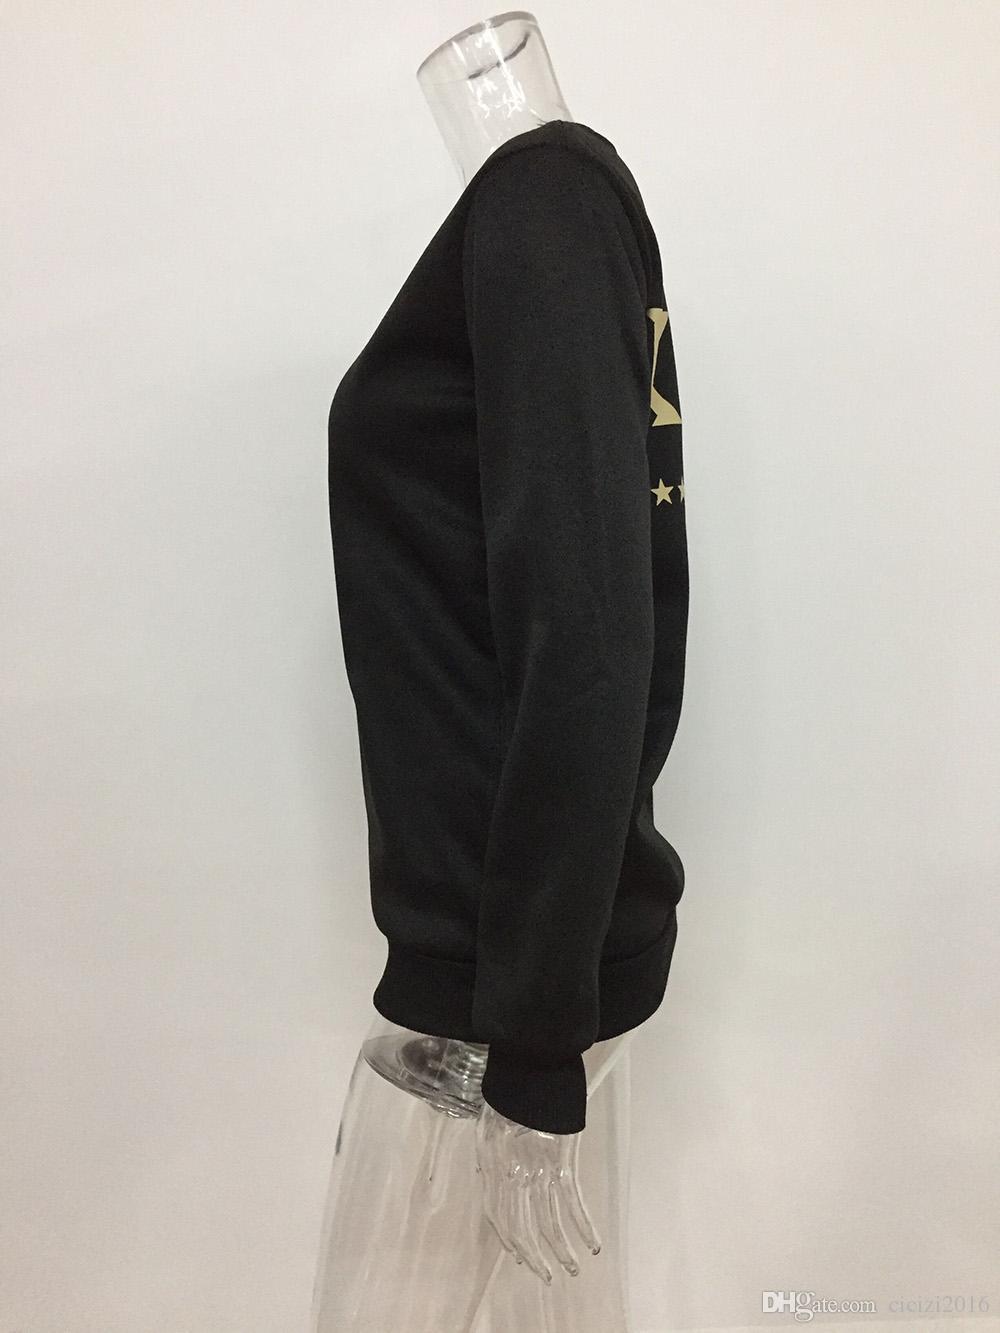 커플 스웻 셔츠 남성용 여성용 스웨트 셔츠 후드 긴 소매 프린트 KING AND QUEEN 연인 플러스 사이즈 블랙